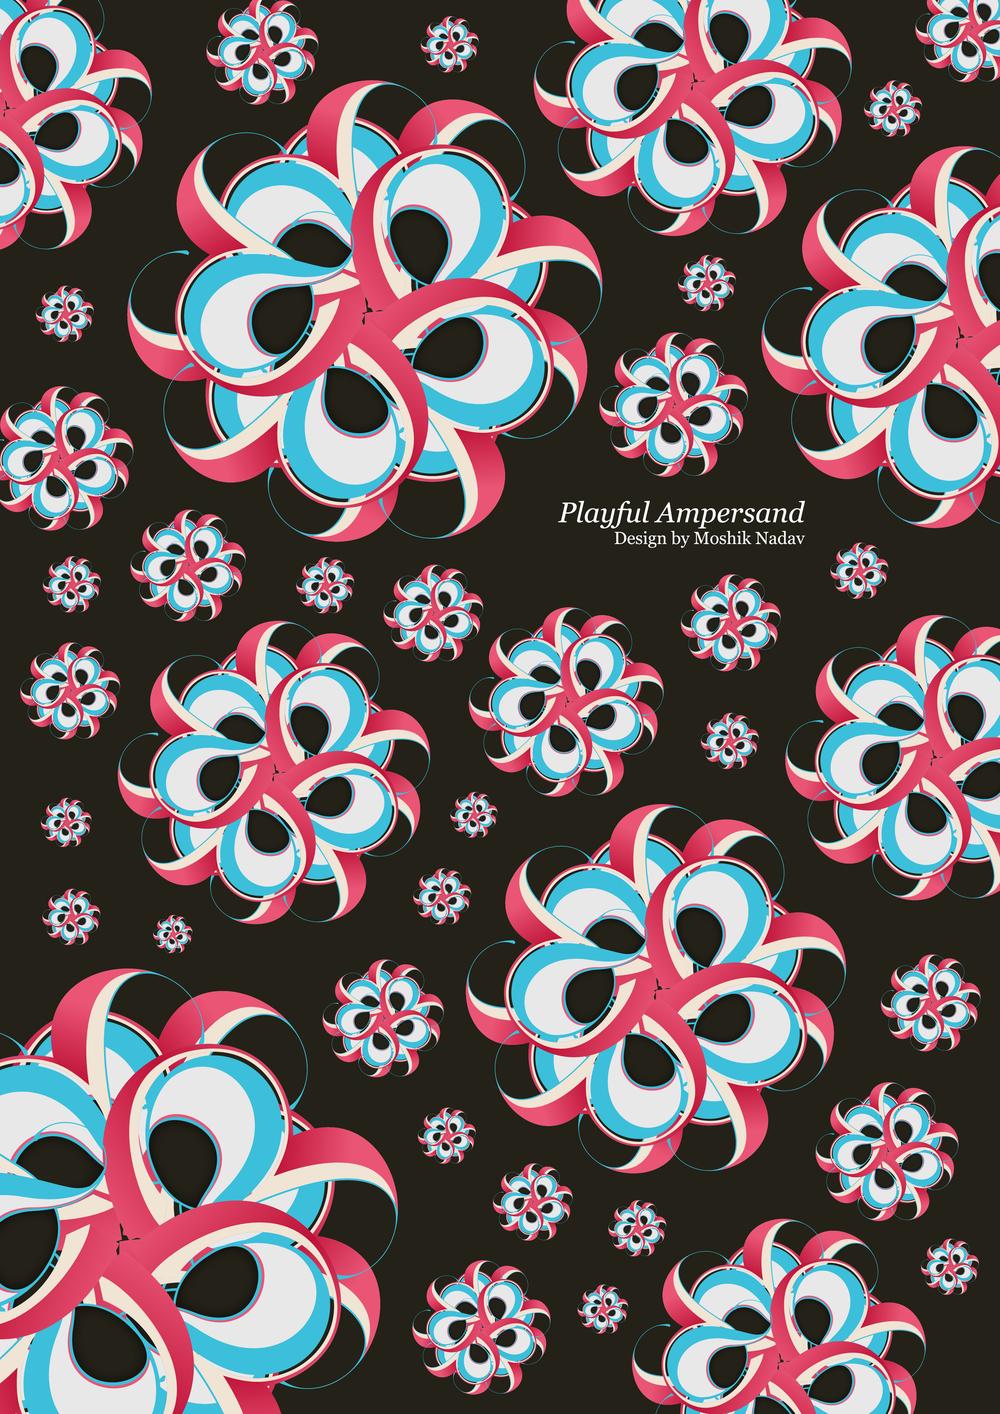 Playful ampersand - Moshik Nadav Typography-15.jpg